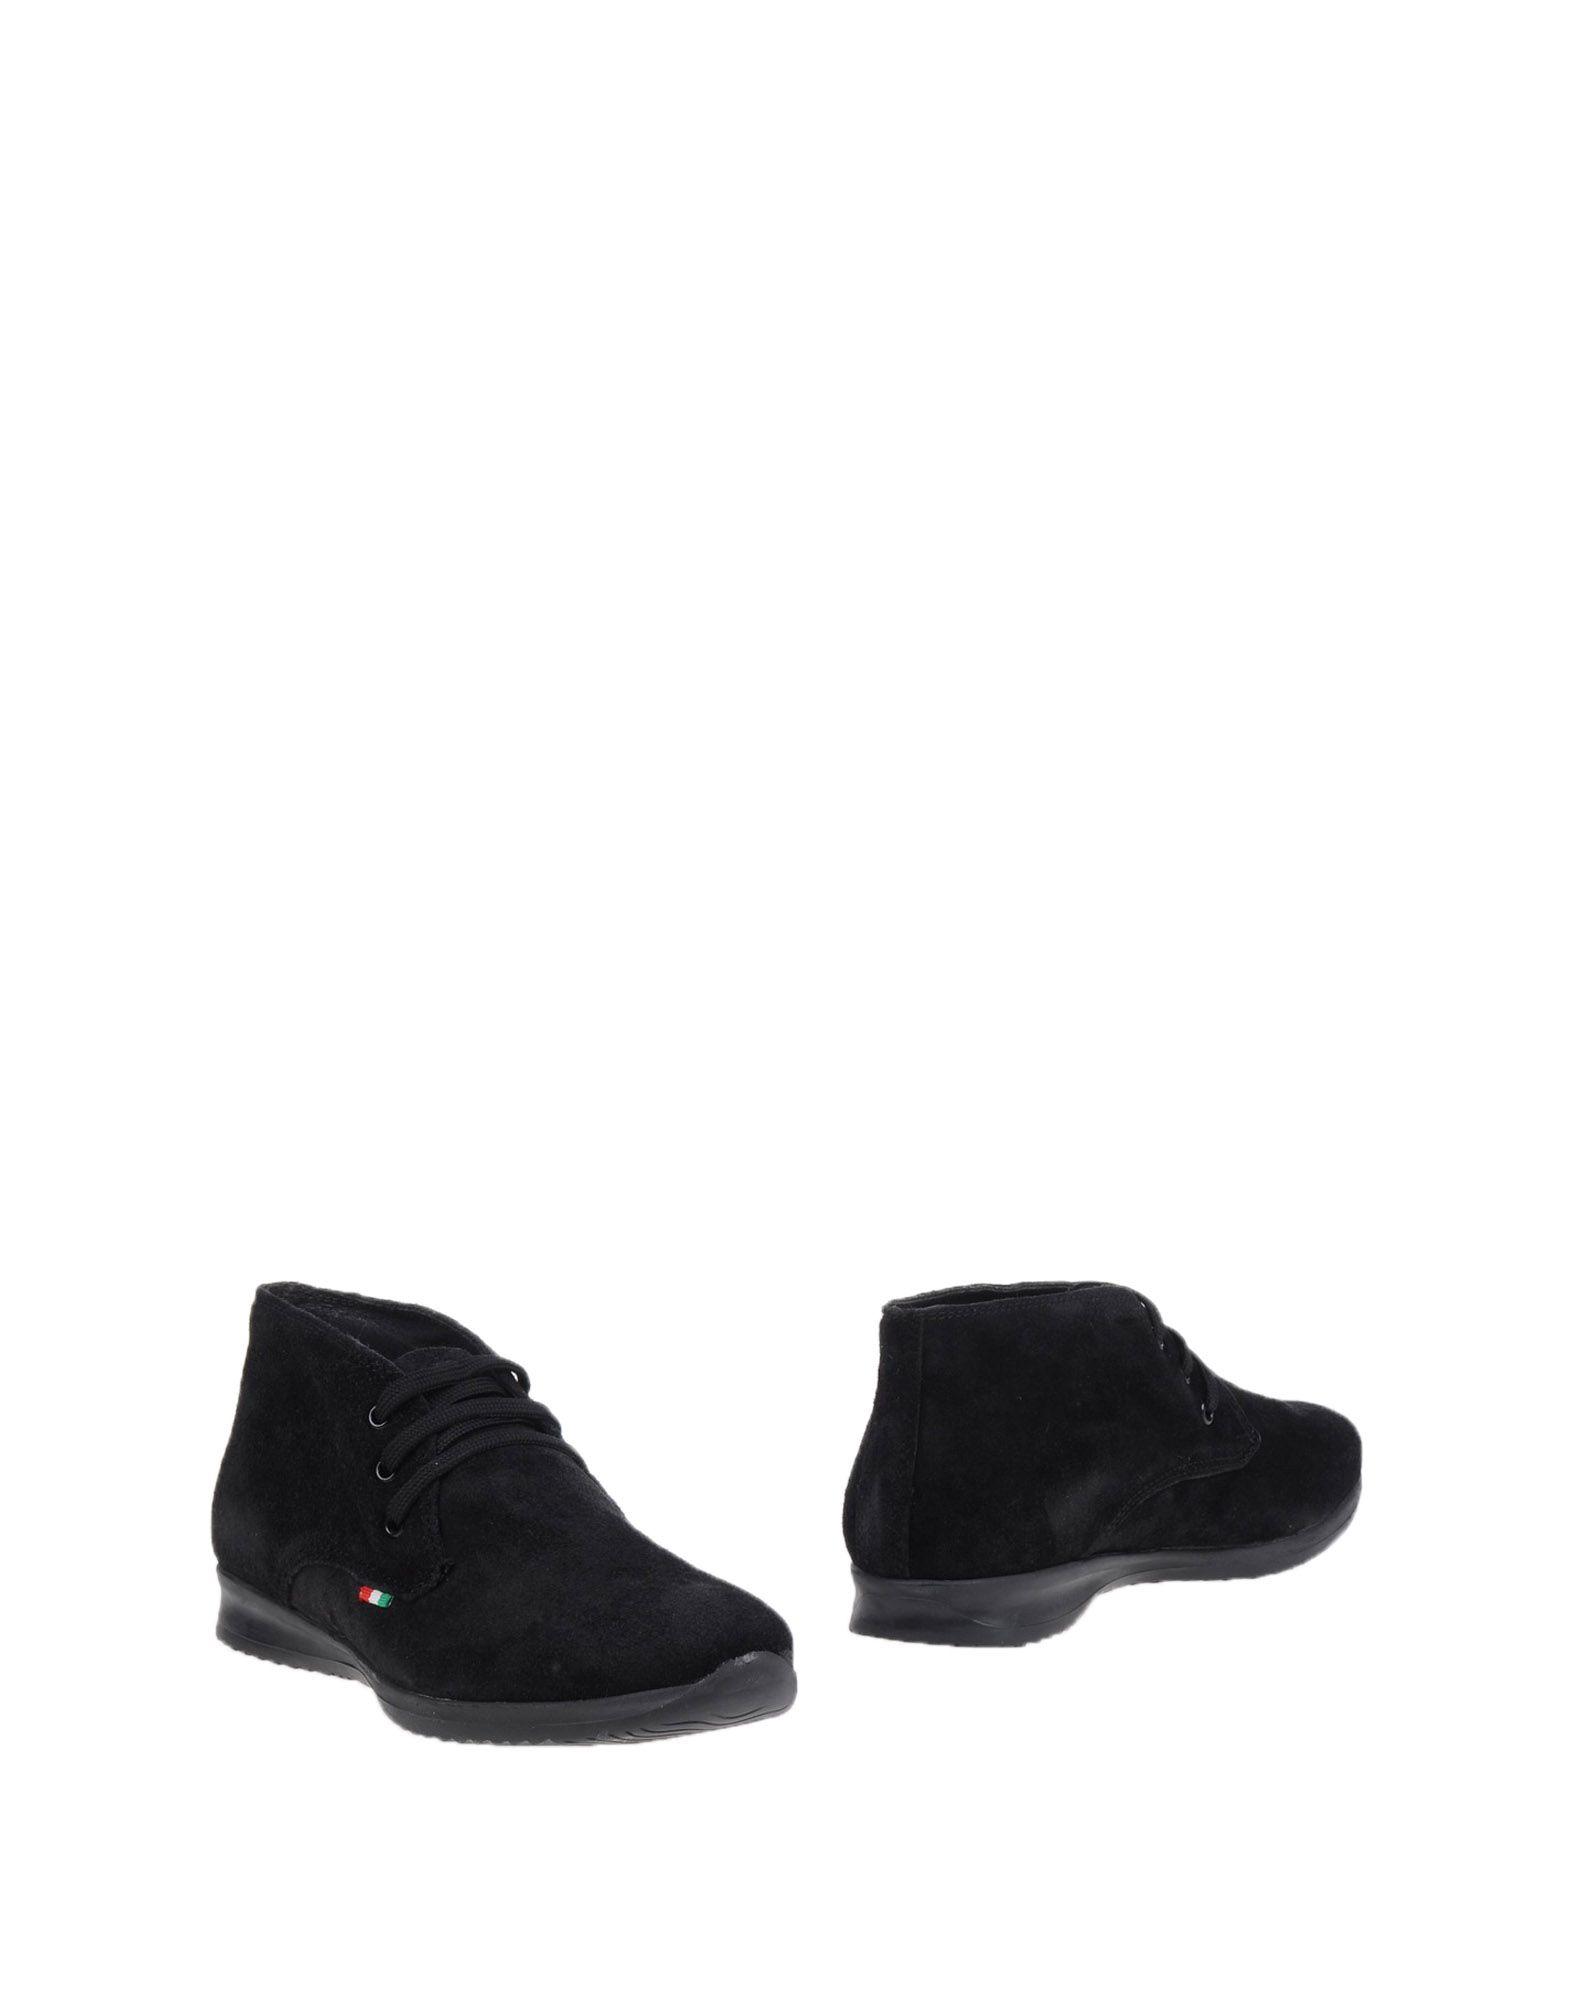 Chaussures Bottines Bottines Demulder Chaussures Wil Chaussures Wil Demulder Demulder CUPwqPx6